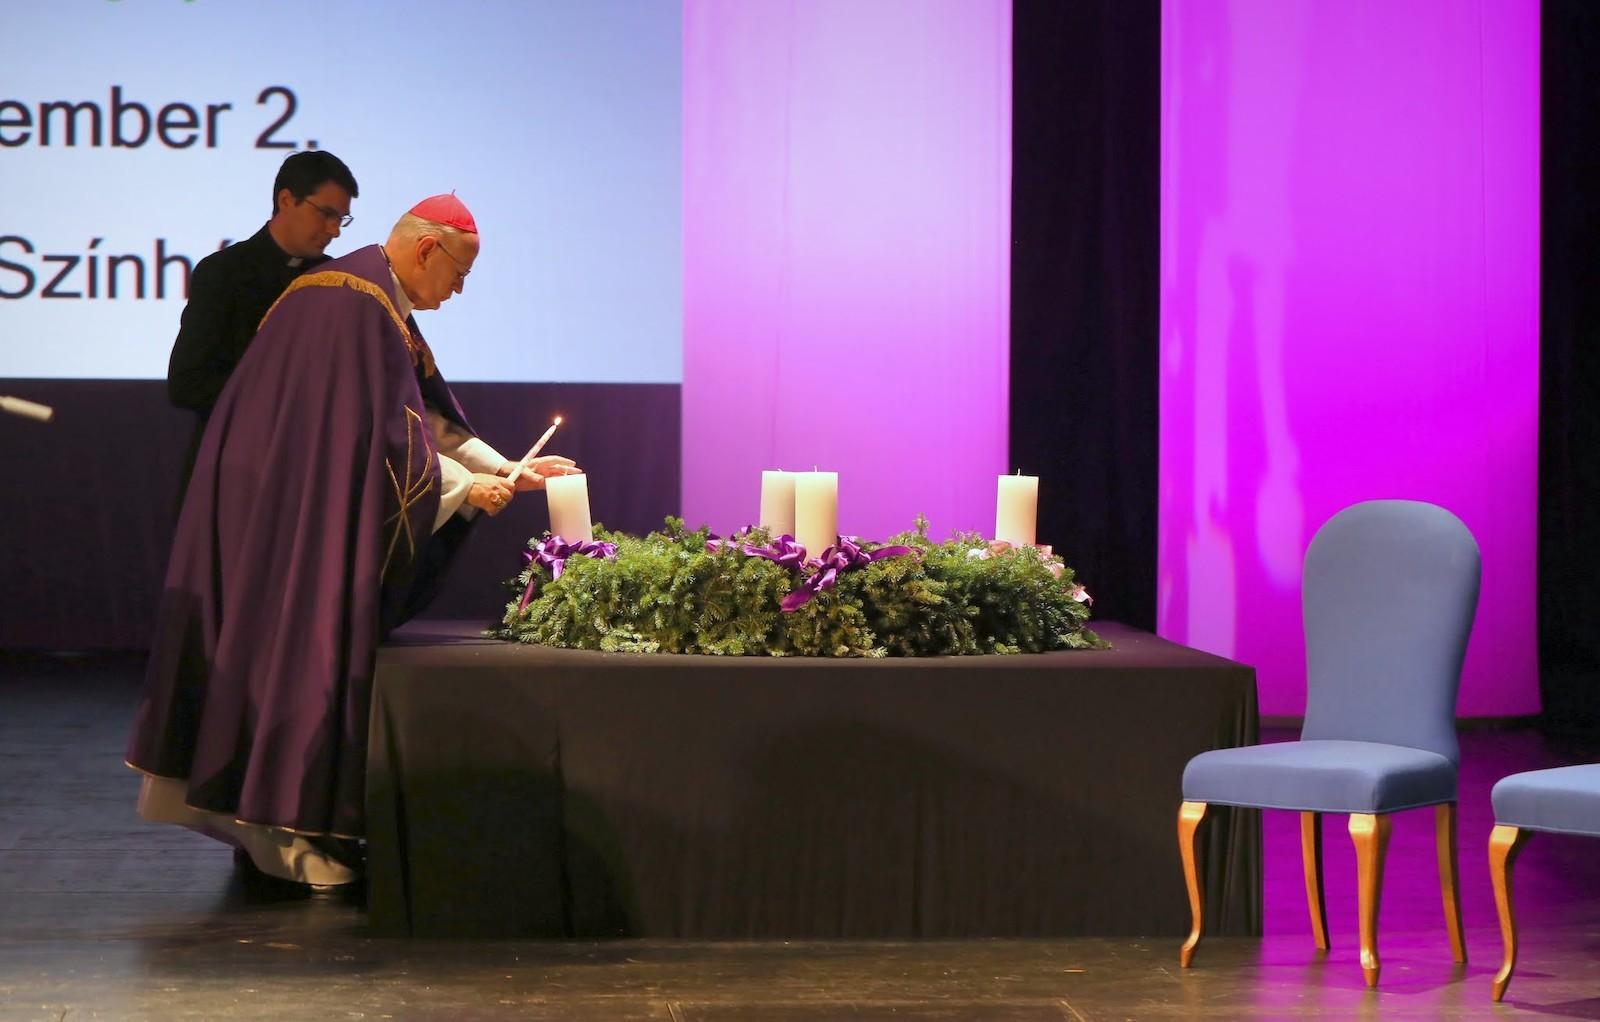 21 milliárd forinttal nőtt az Eucharisztikus Világkongresszus támogatása